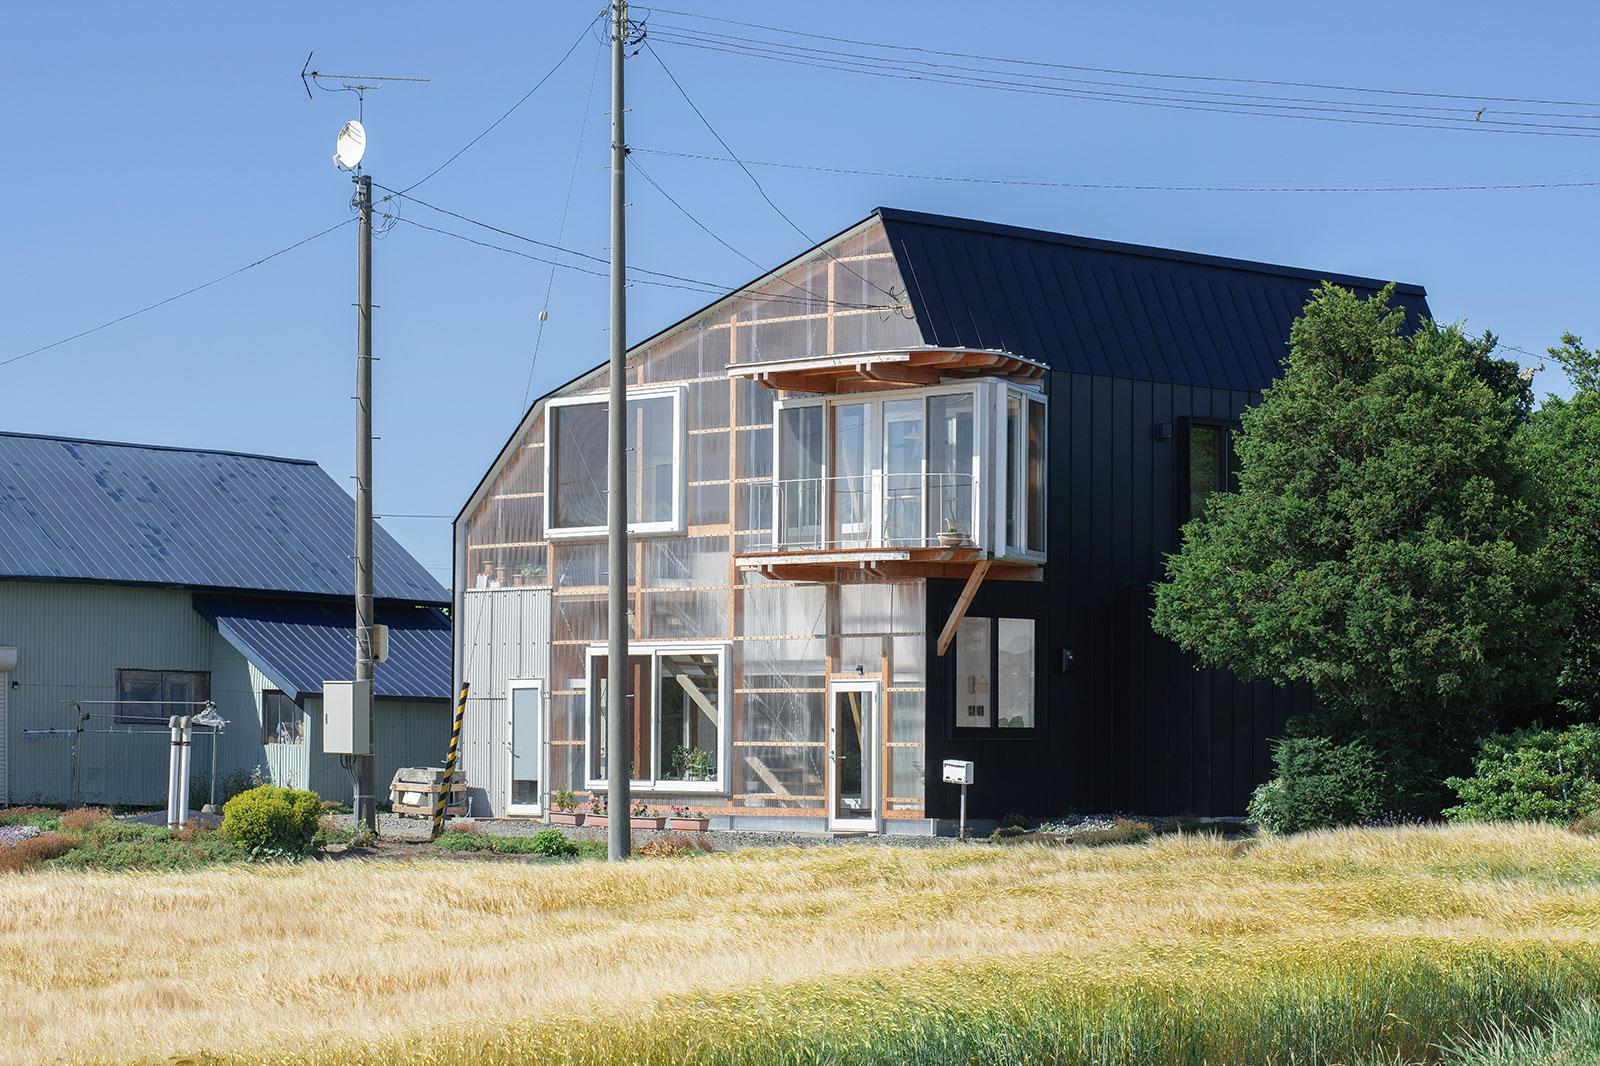 増築した半屋外空間のポリカーボネートと黒色ガルバリウム鋼板のコントラストが目を引く外観